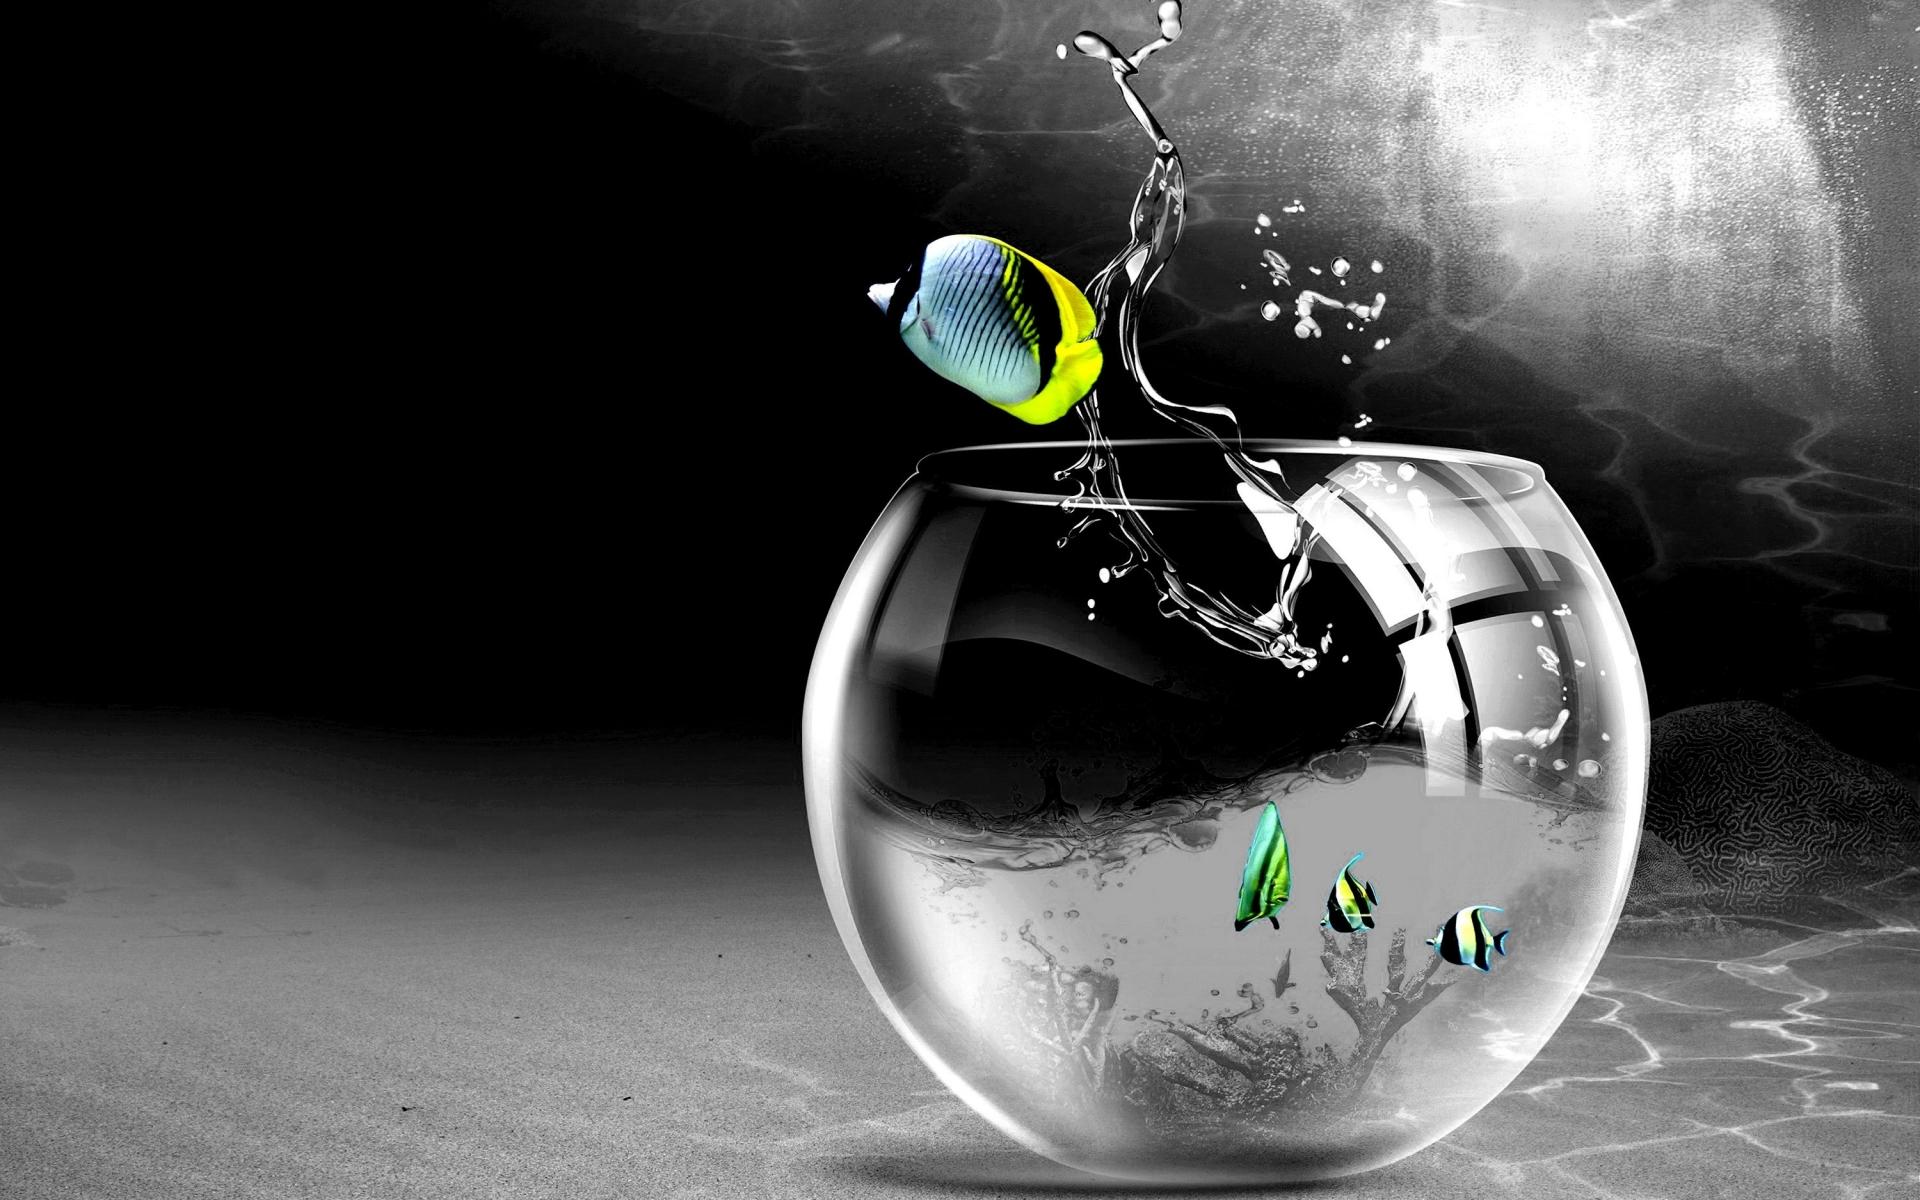 Cg Digital Art Bowl Aquarium Glass Drops Splash Wallpaper